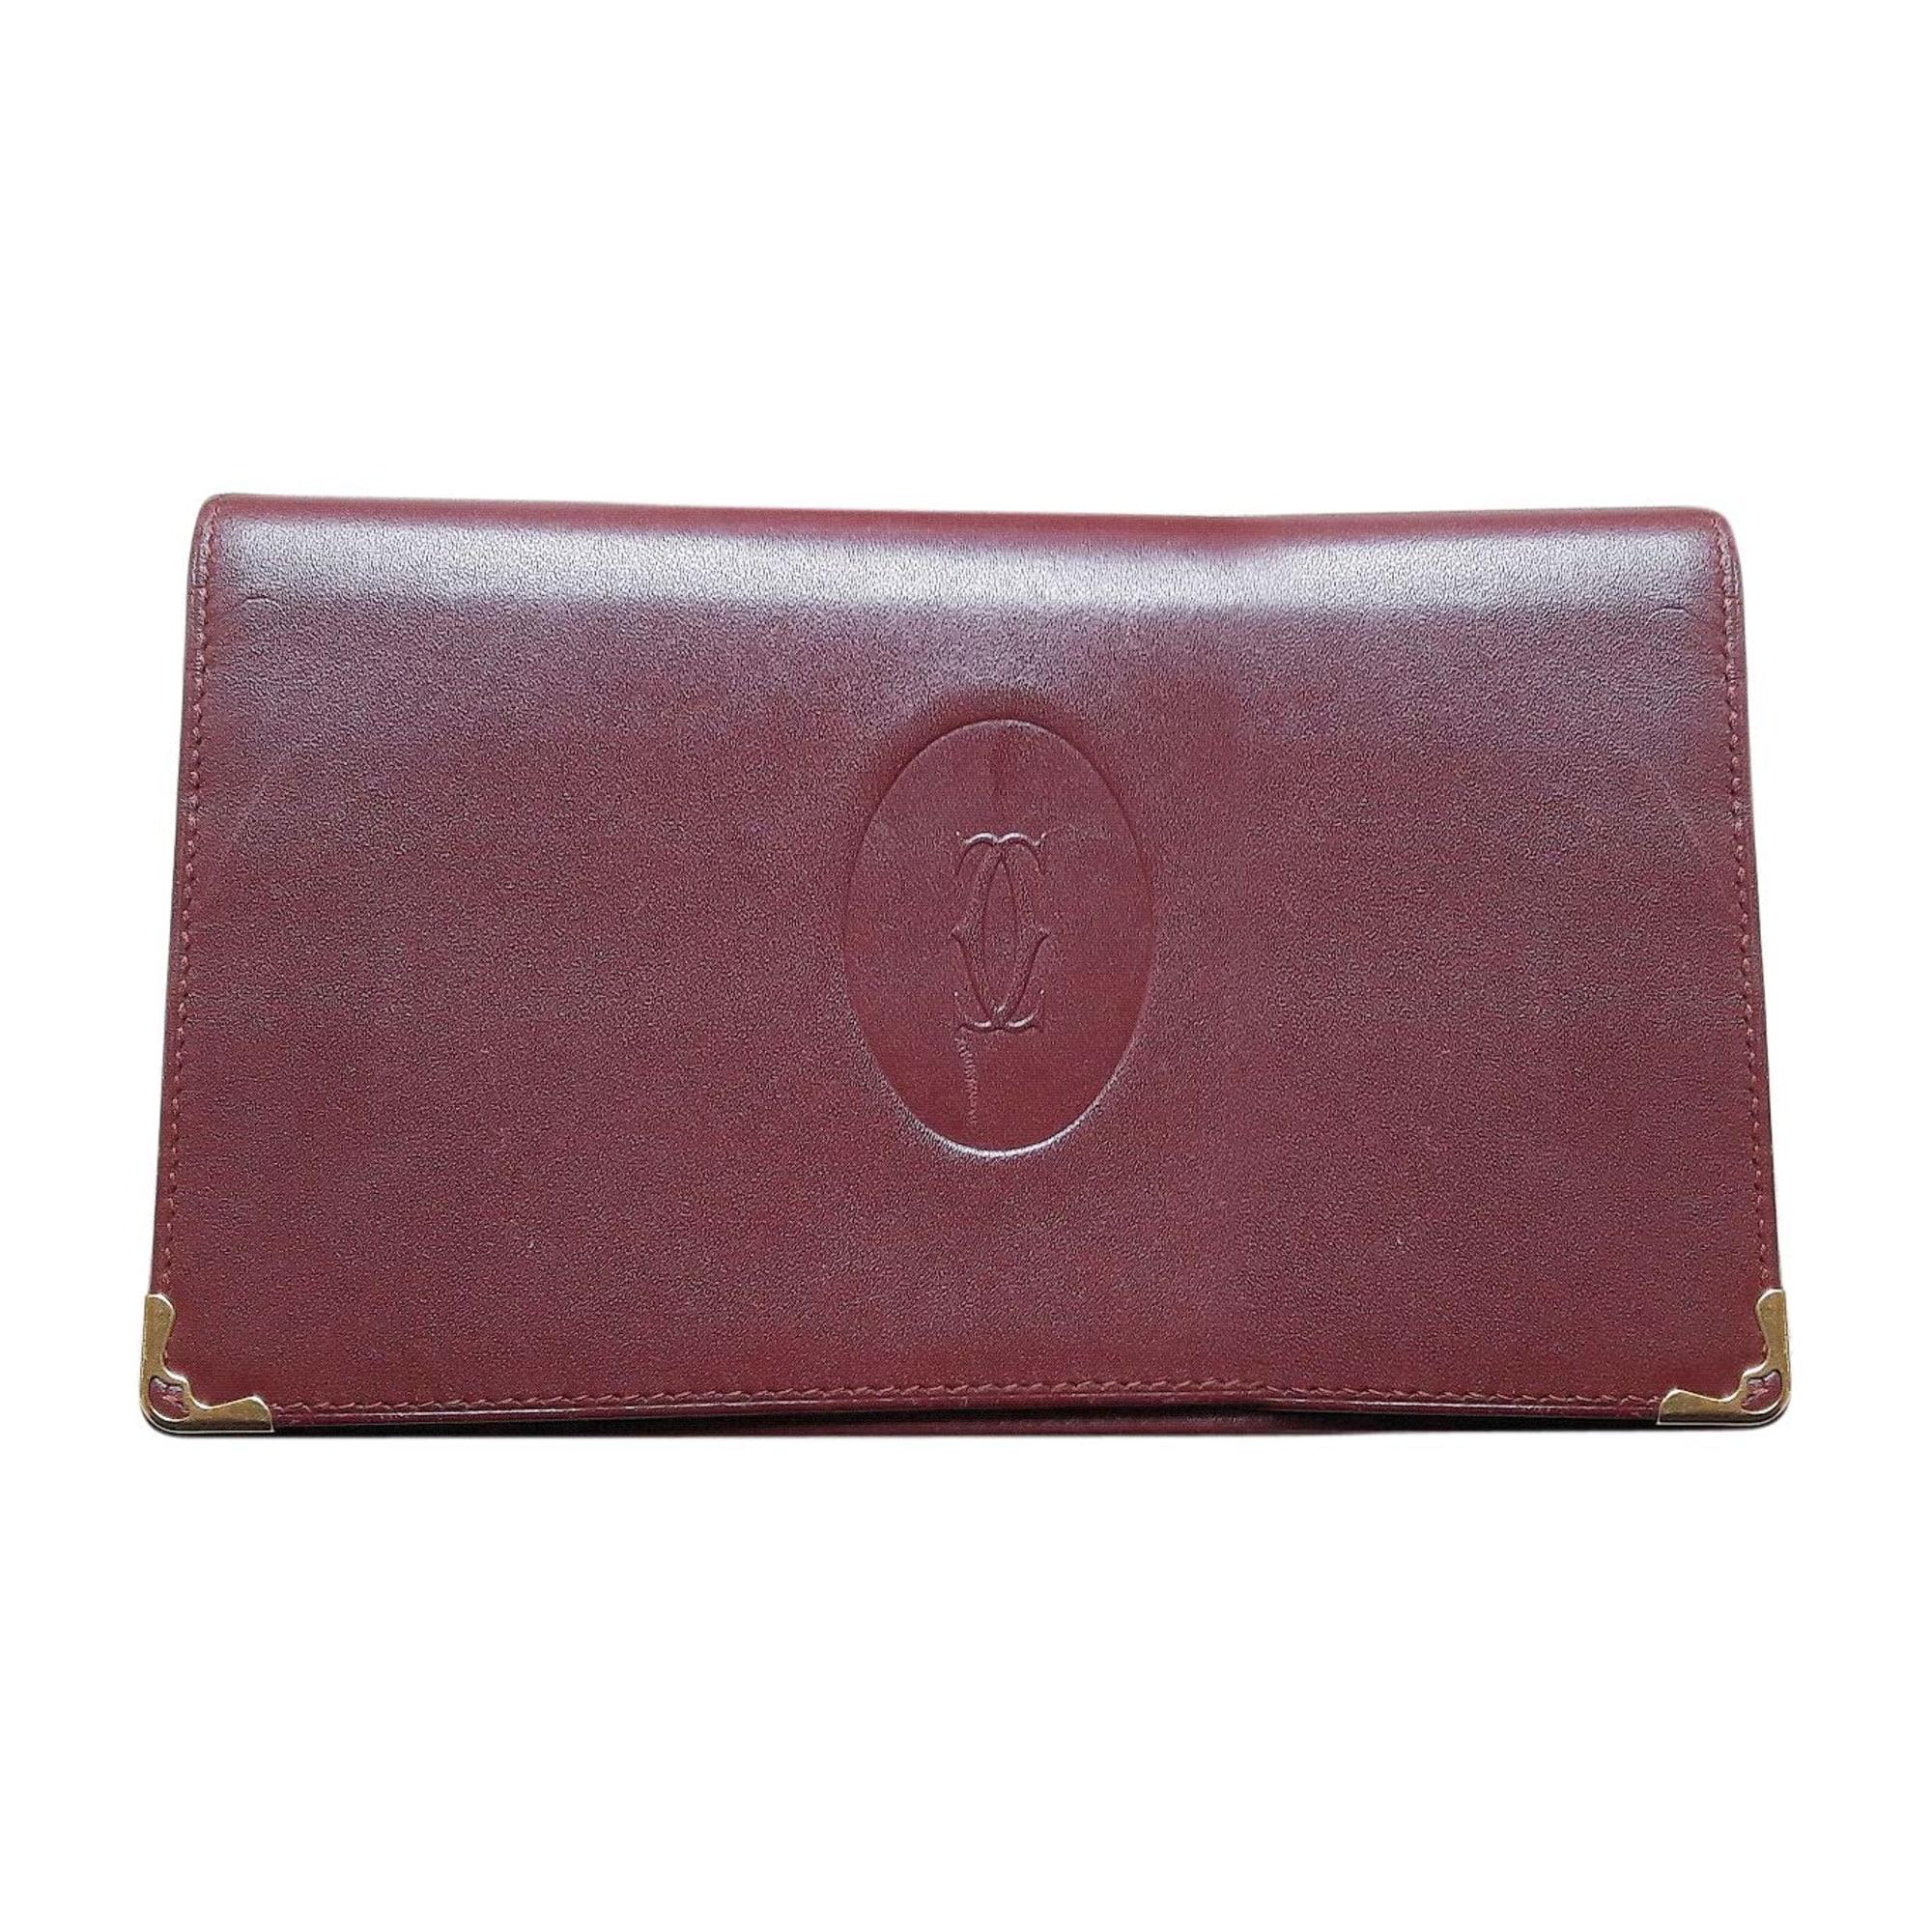 Porte-chéquier CARTIER rouge vendu par Moisettemam - 5911113 42f6880bb7b